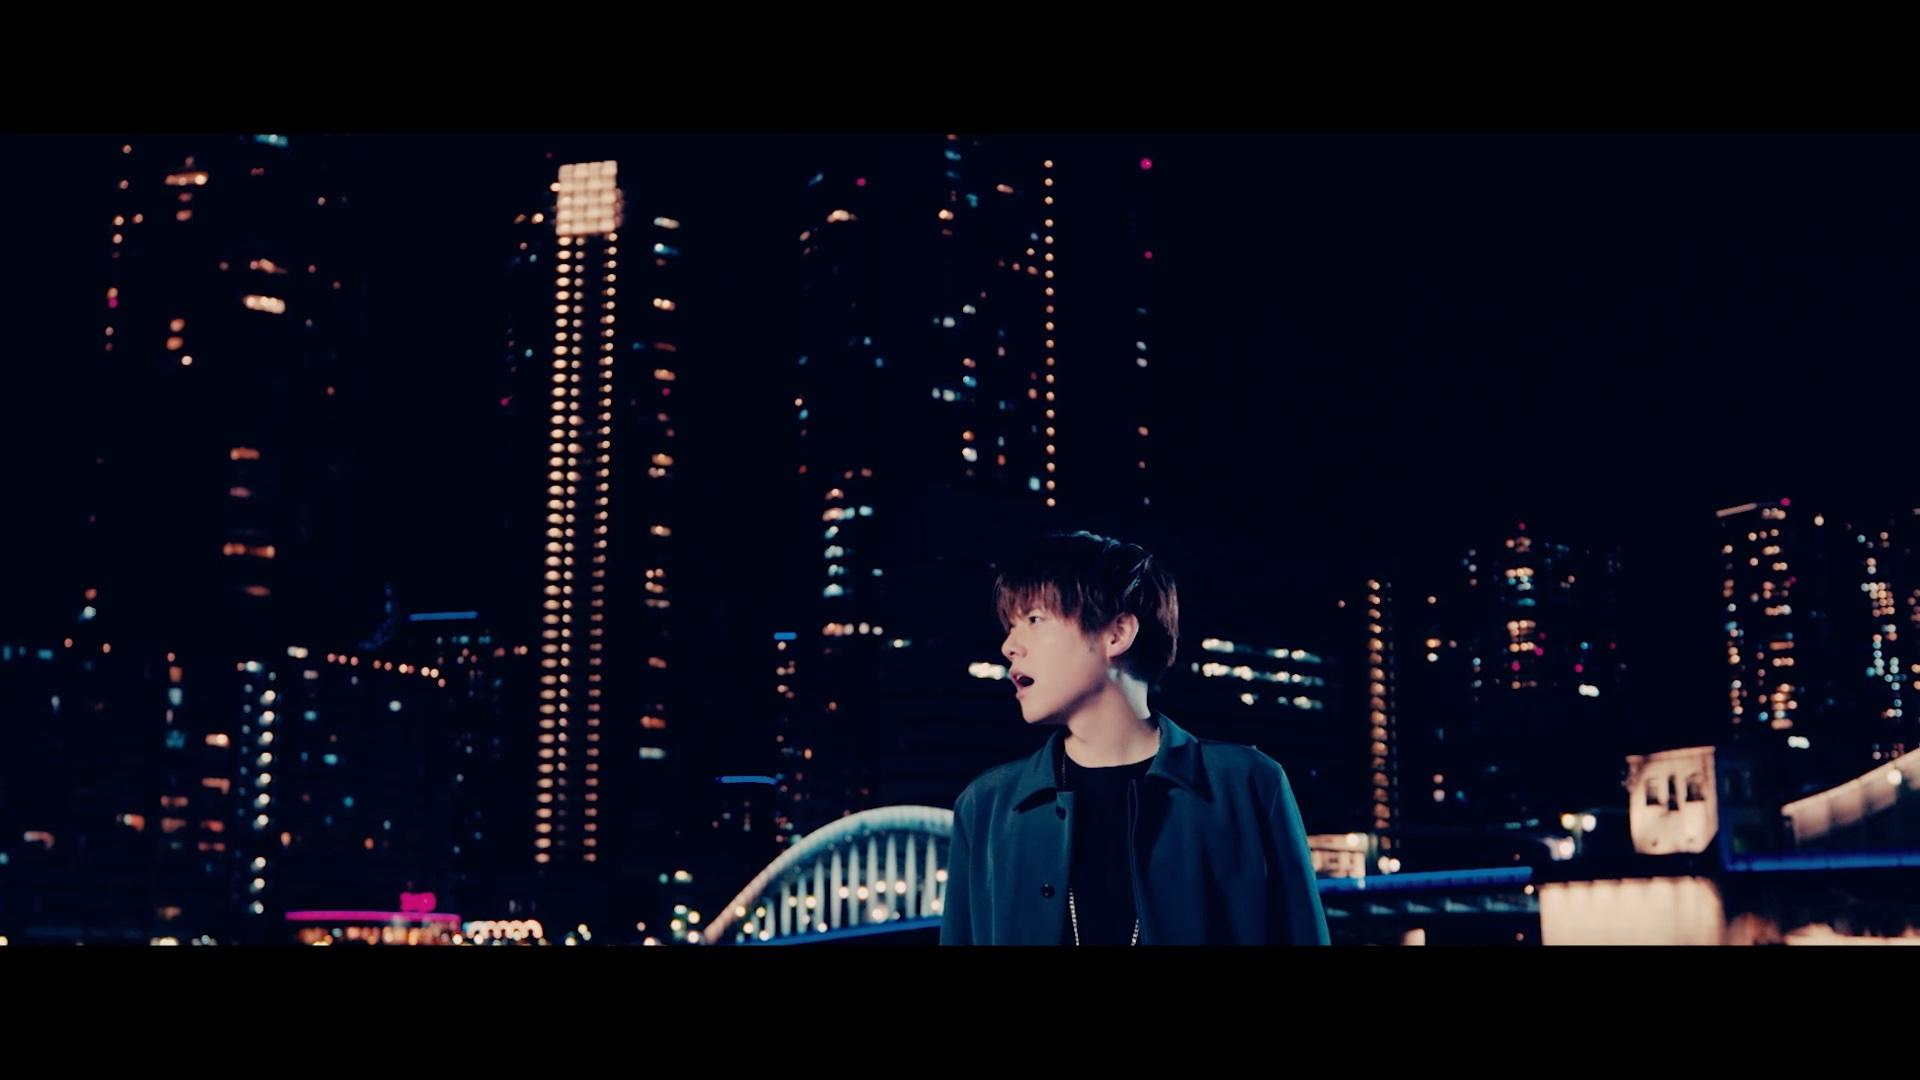 内田雄馬さん8thシングル「Comin' Back」MVカット 夜景バック